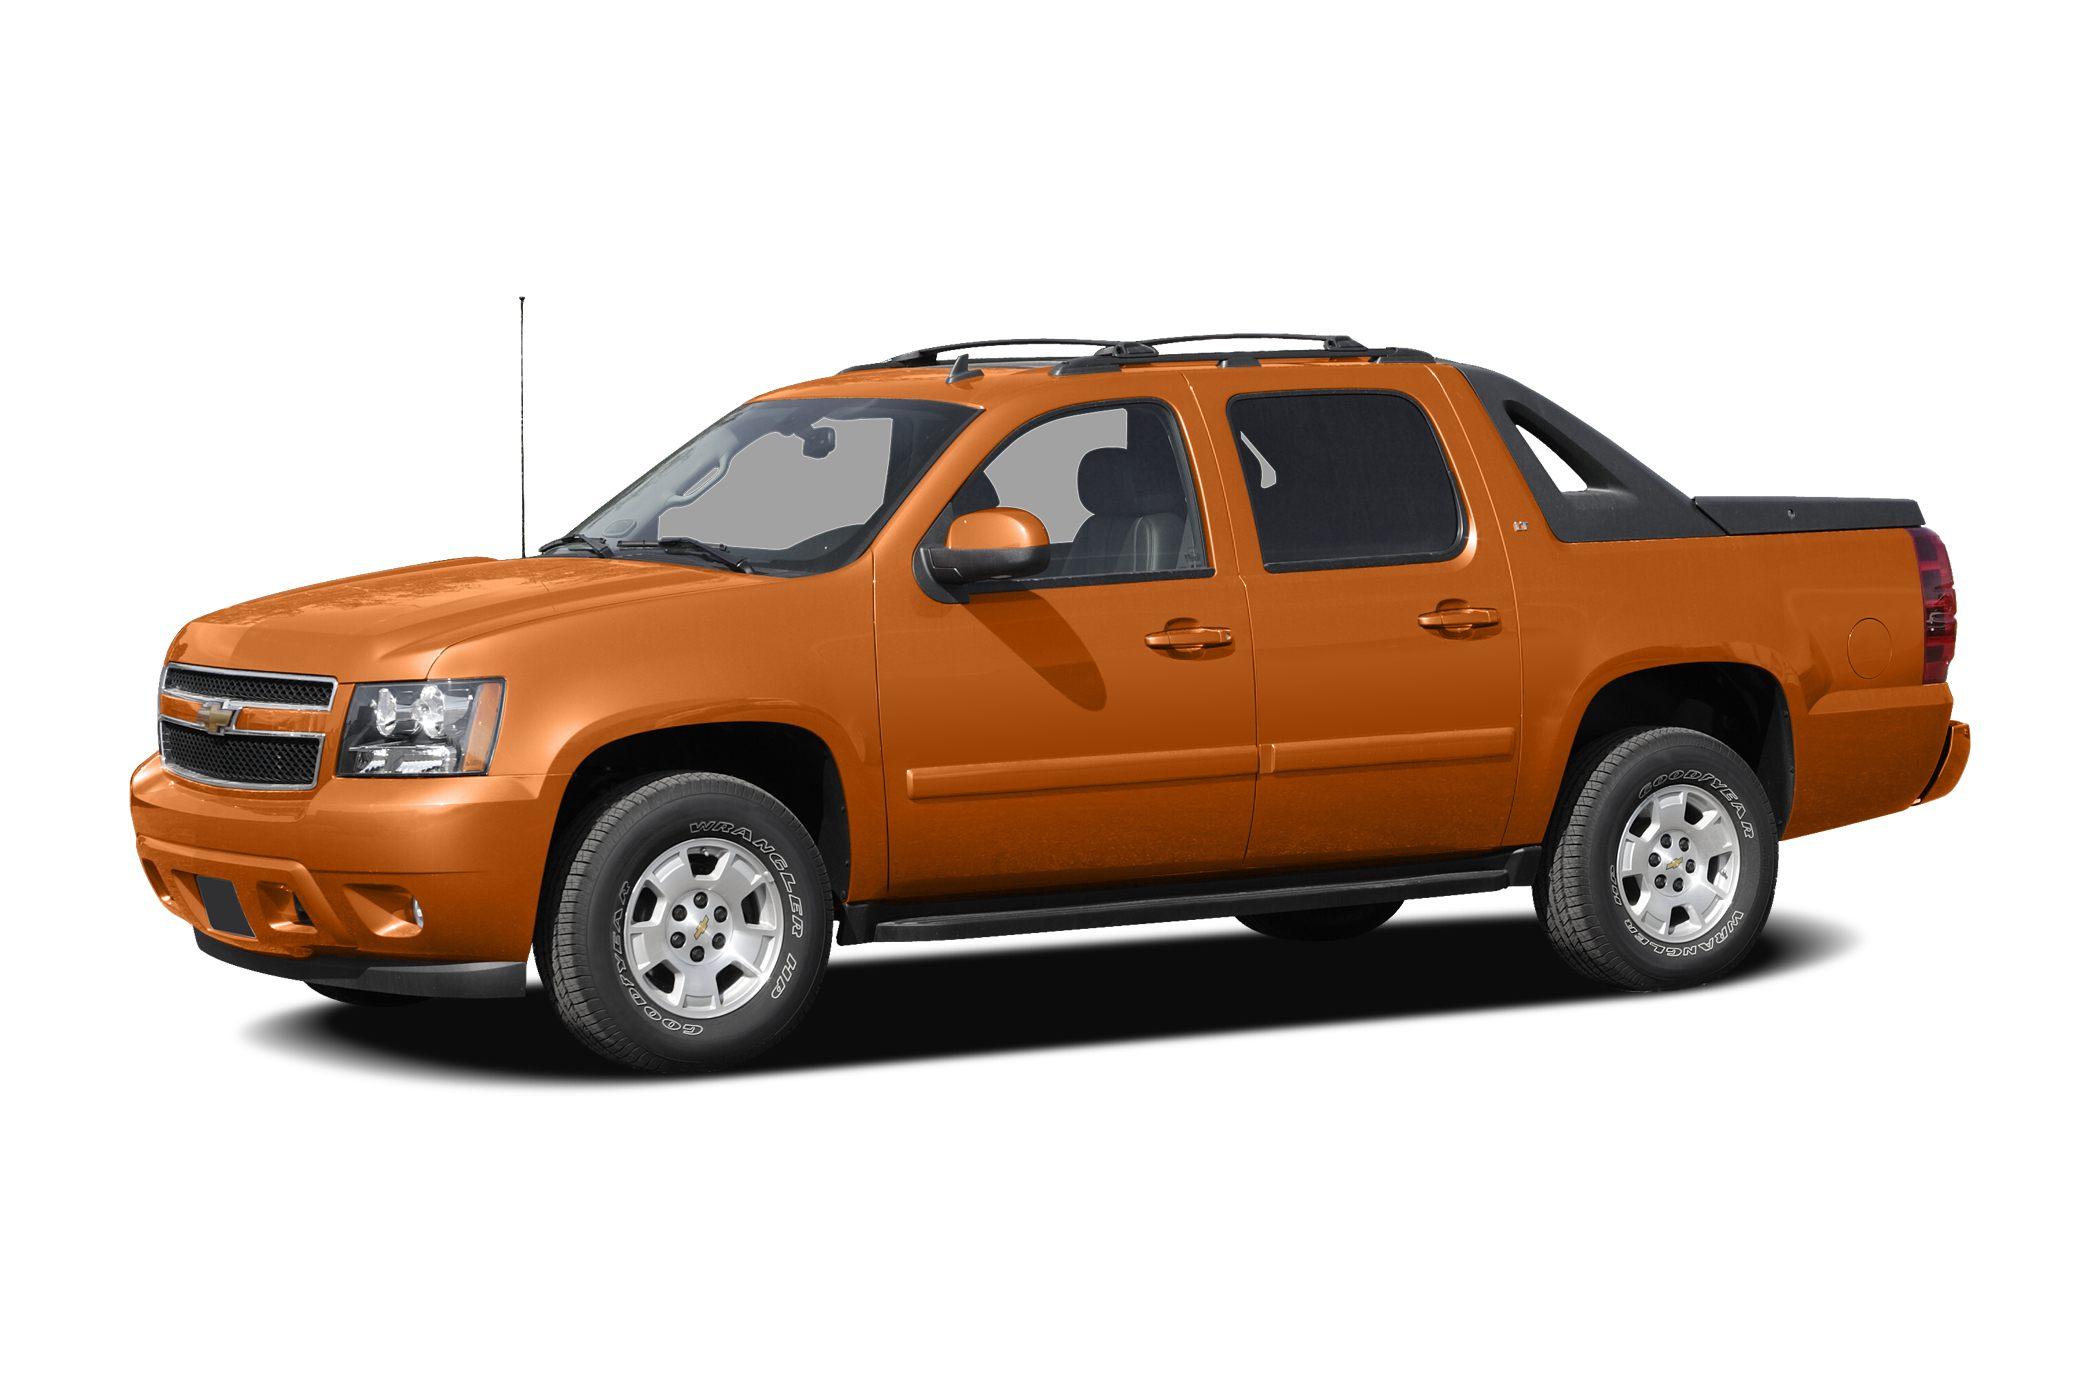 2007 Chevrolet Avalanche 1500 Ltz 4x4 Pictures